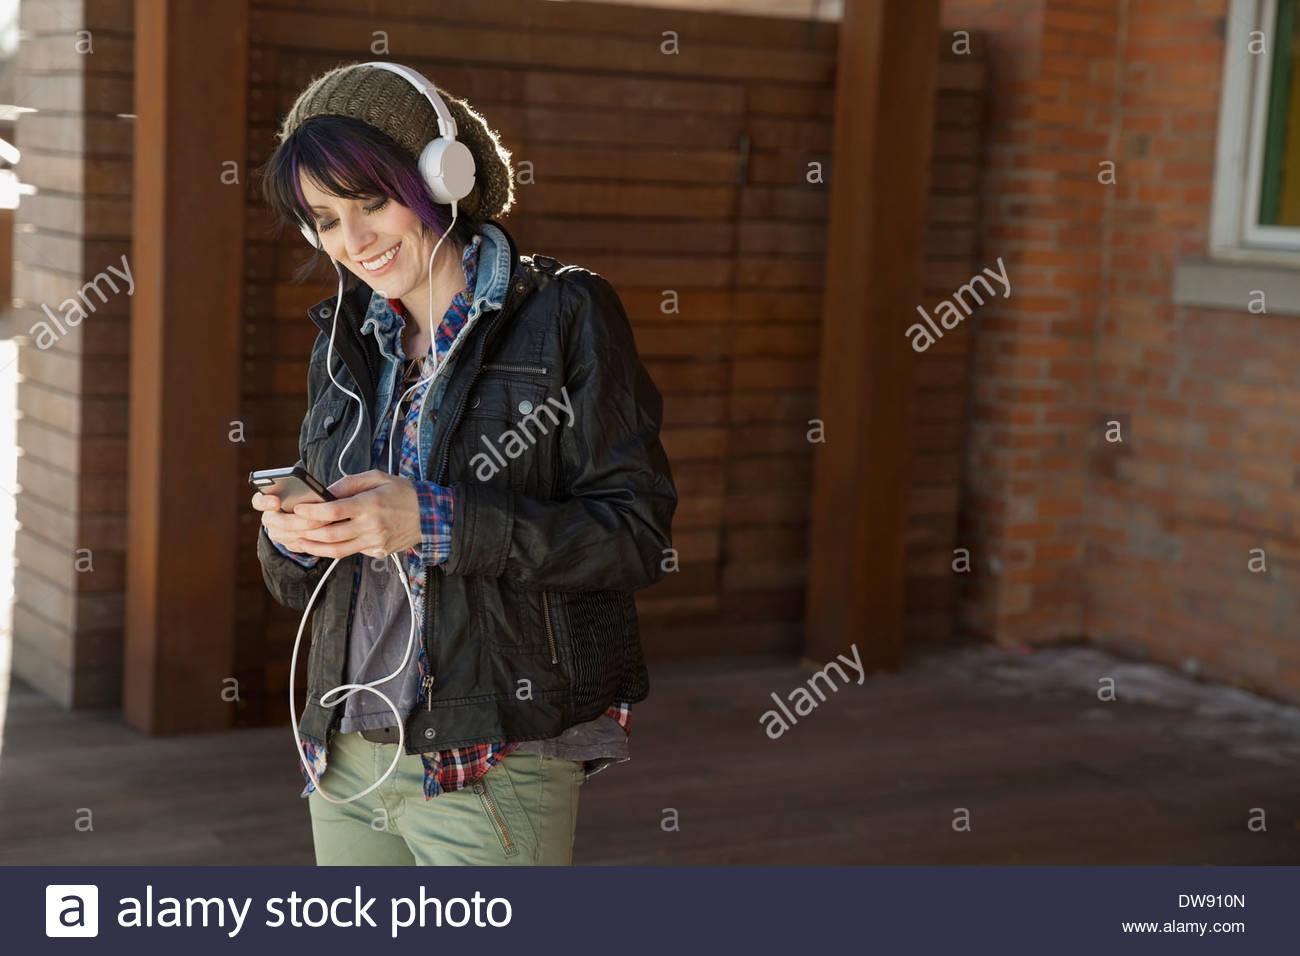 Mujer sonriente al escuchar música con auriculares al aire libre Imagen De Stock